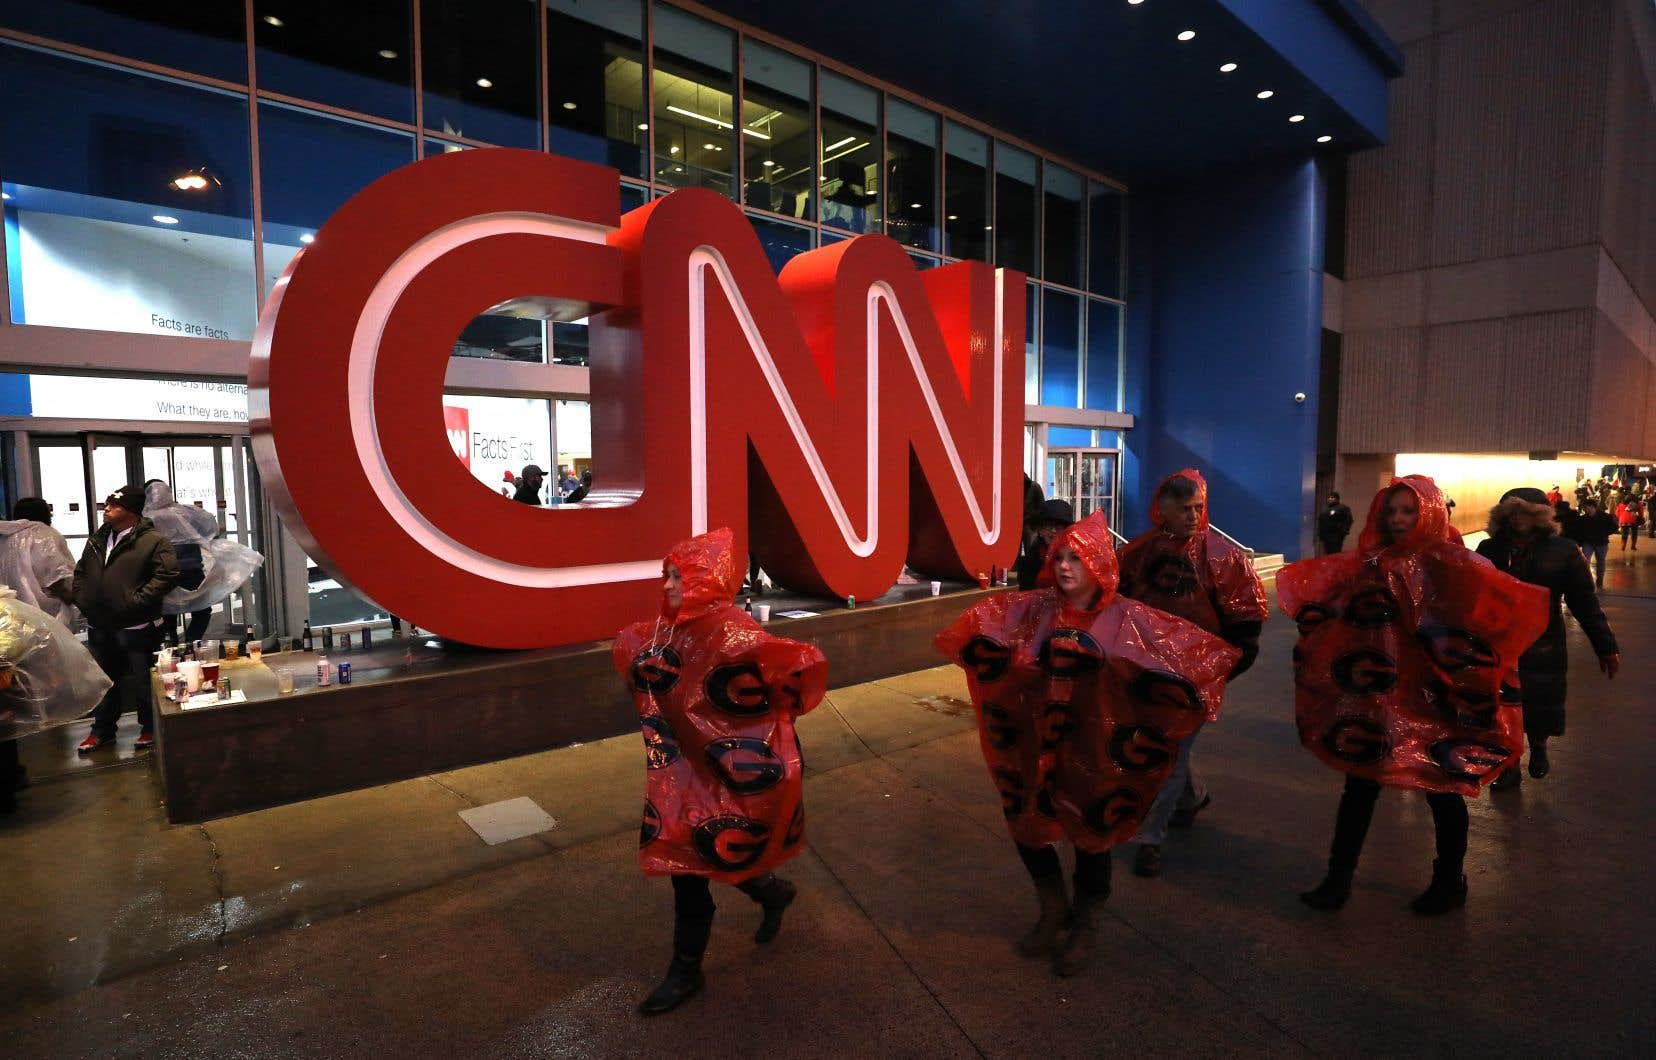 Les groupes proposent à la fois des chaînes télé traditionnelles, comme CNN, et des plateformes de vidéo sur demande.